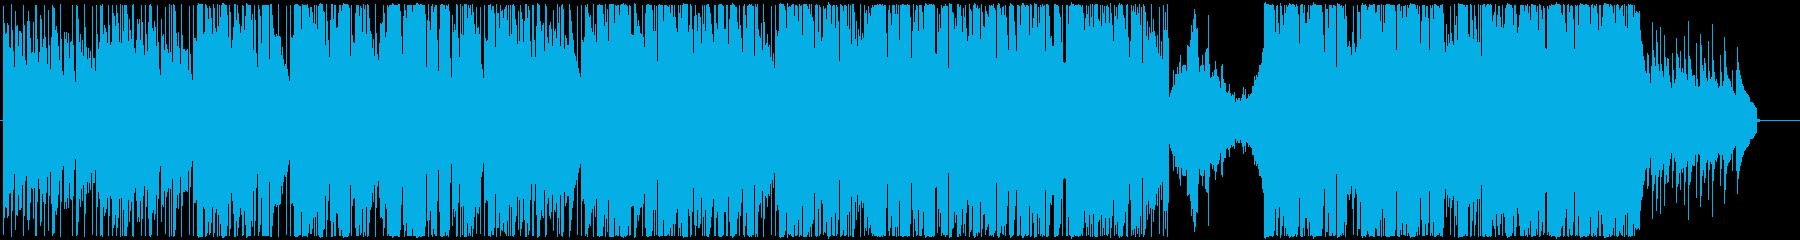 郵便飛行機の再生済みの波形